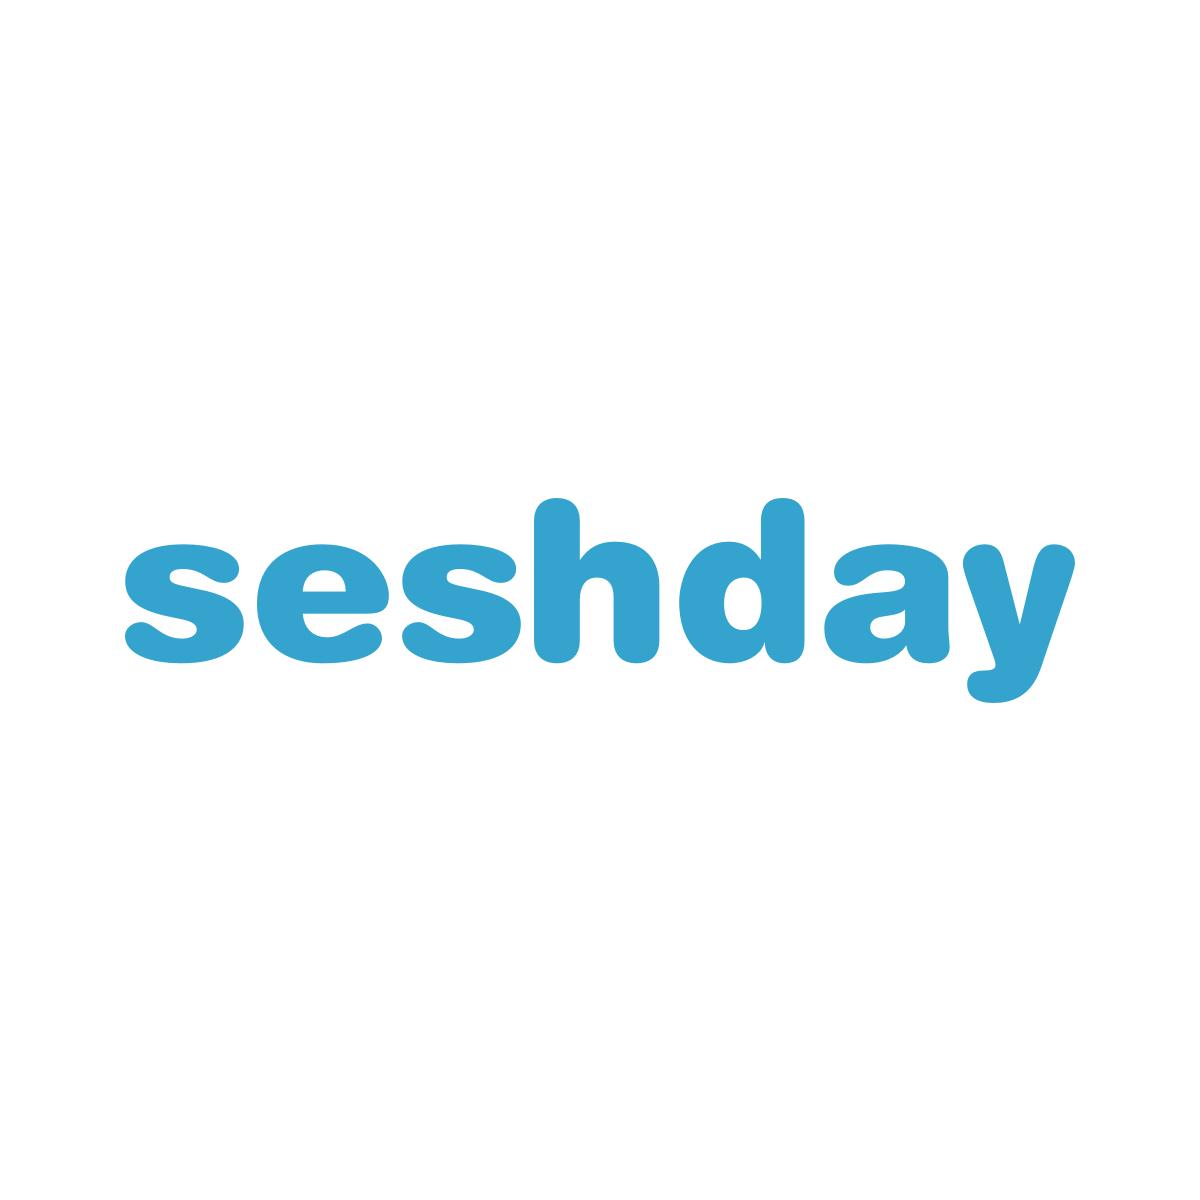 Seshday logo